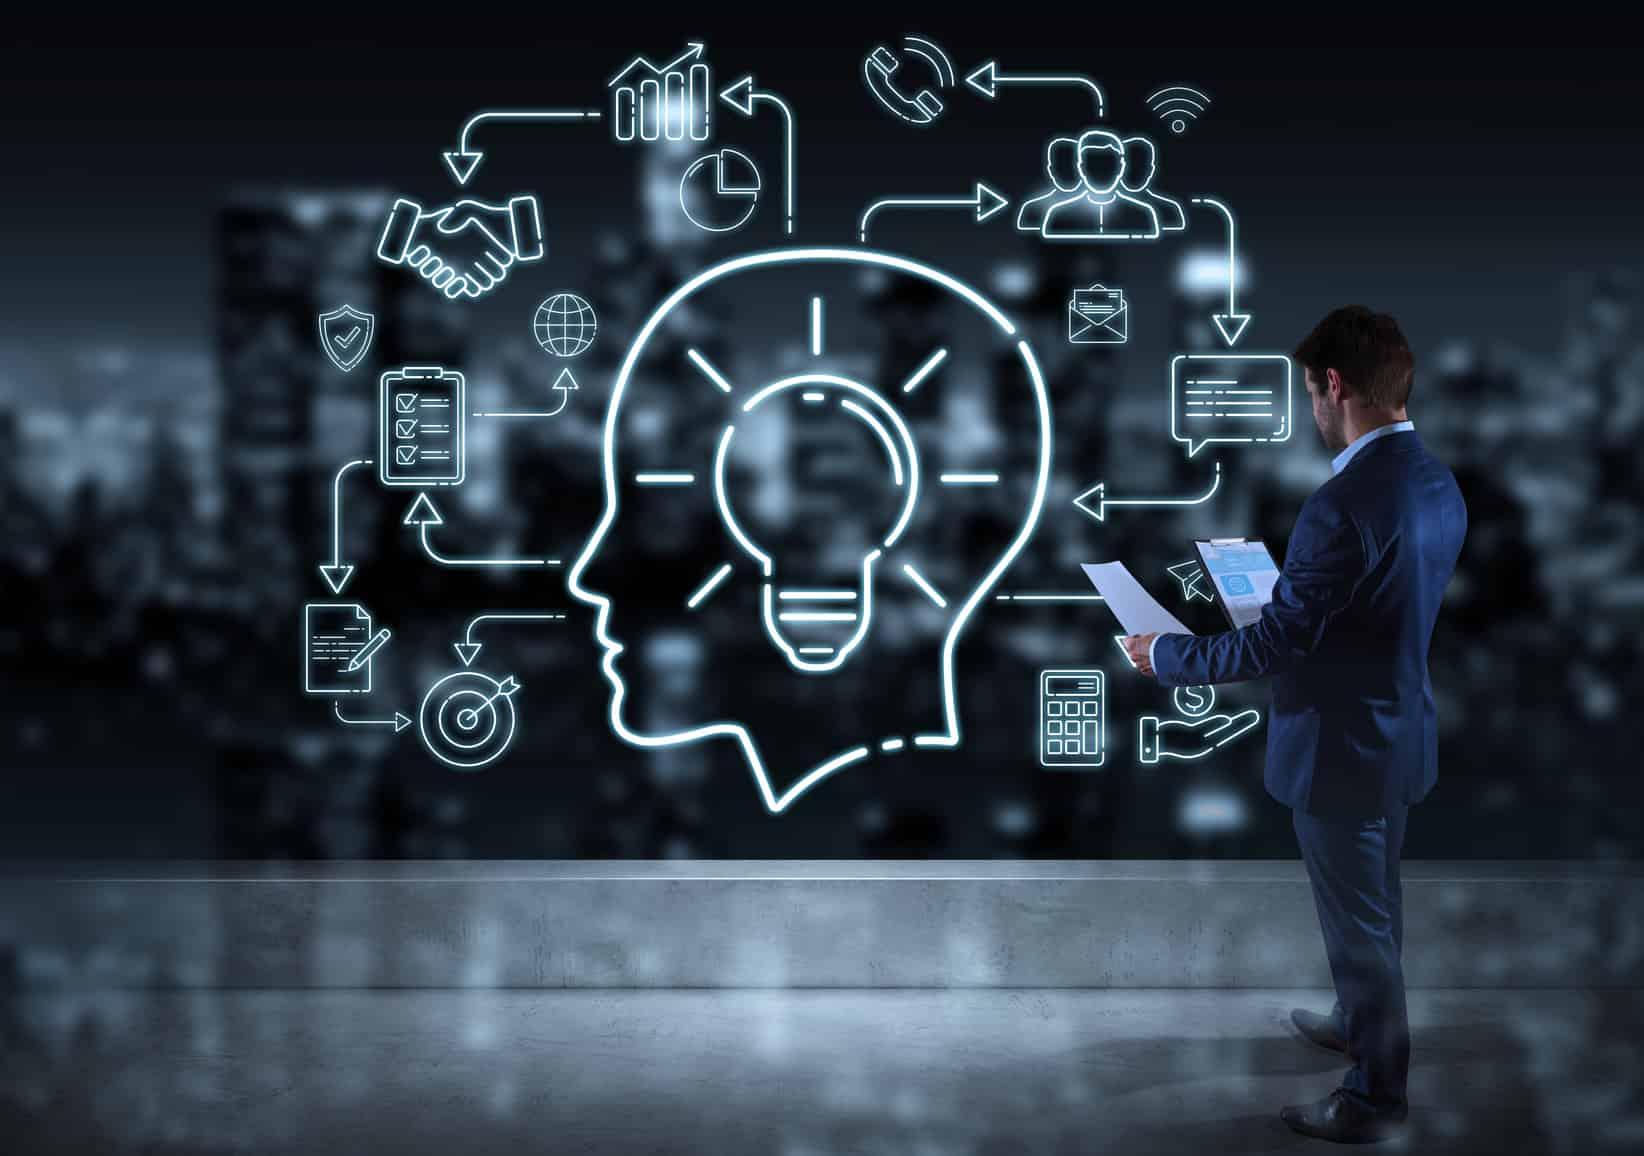 AT&T inauguró su primer centro de desarrollo e innovación en México, AT&T Foundry, el cual estará dedicado a desarrollar proyectos tecnológicos enfocados en solucionar problemáticas de mercados emergentes.